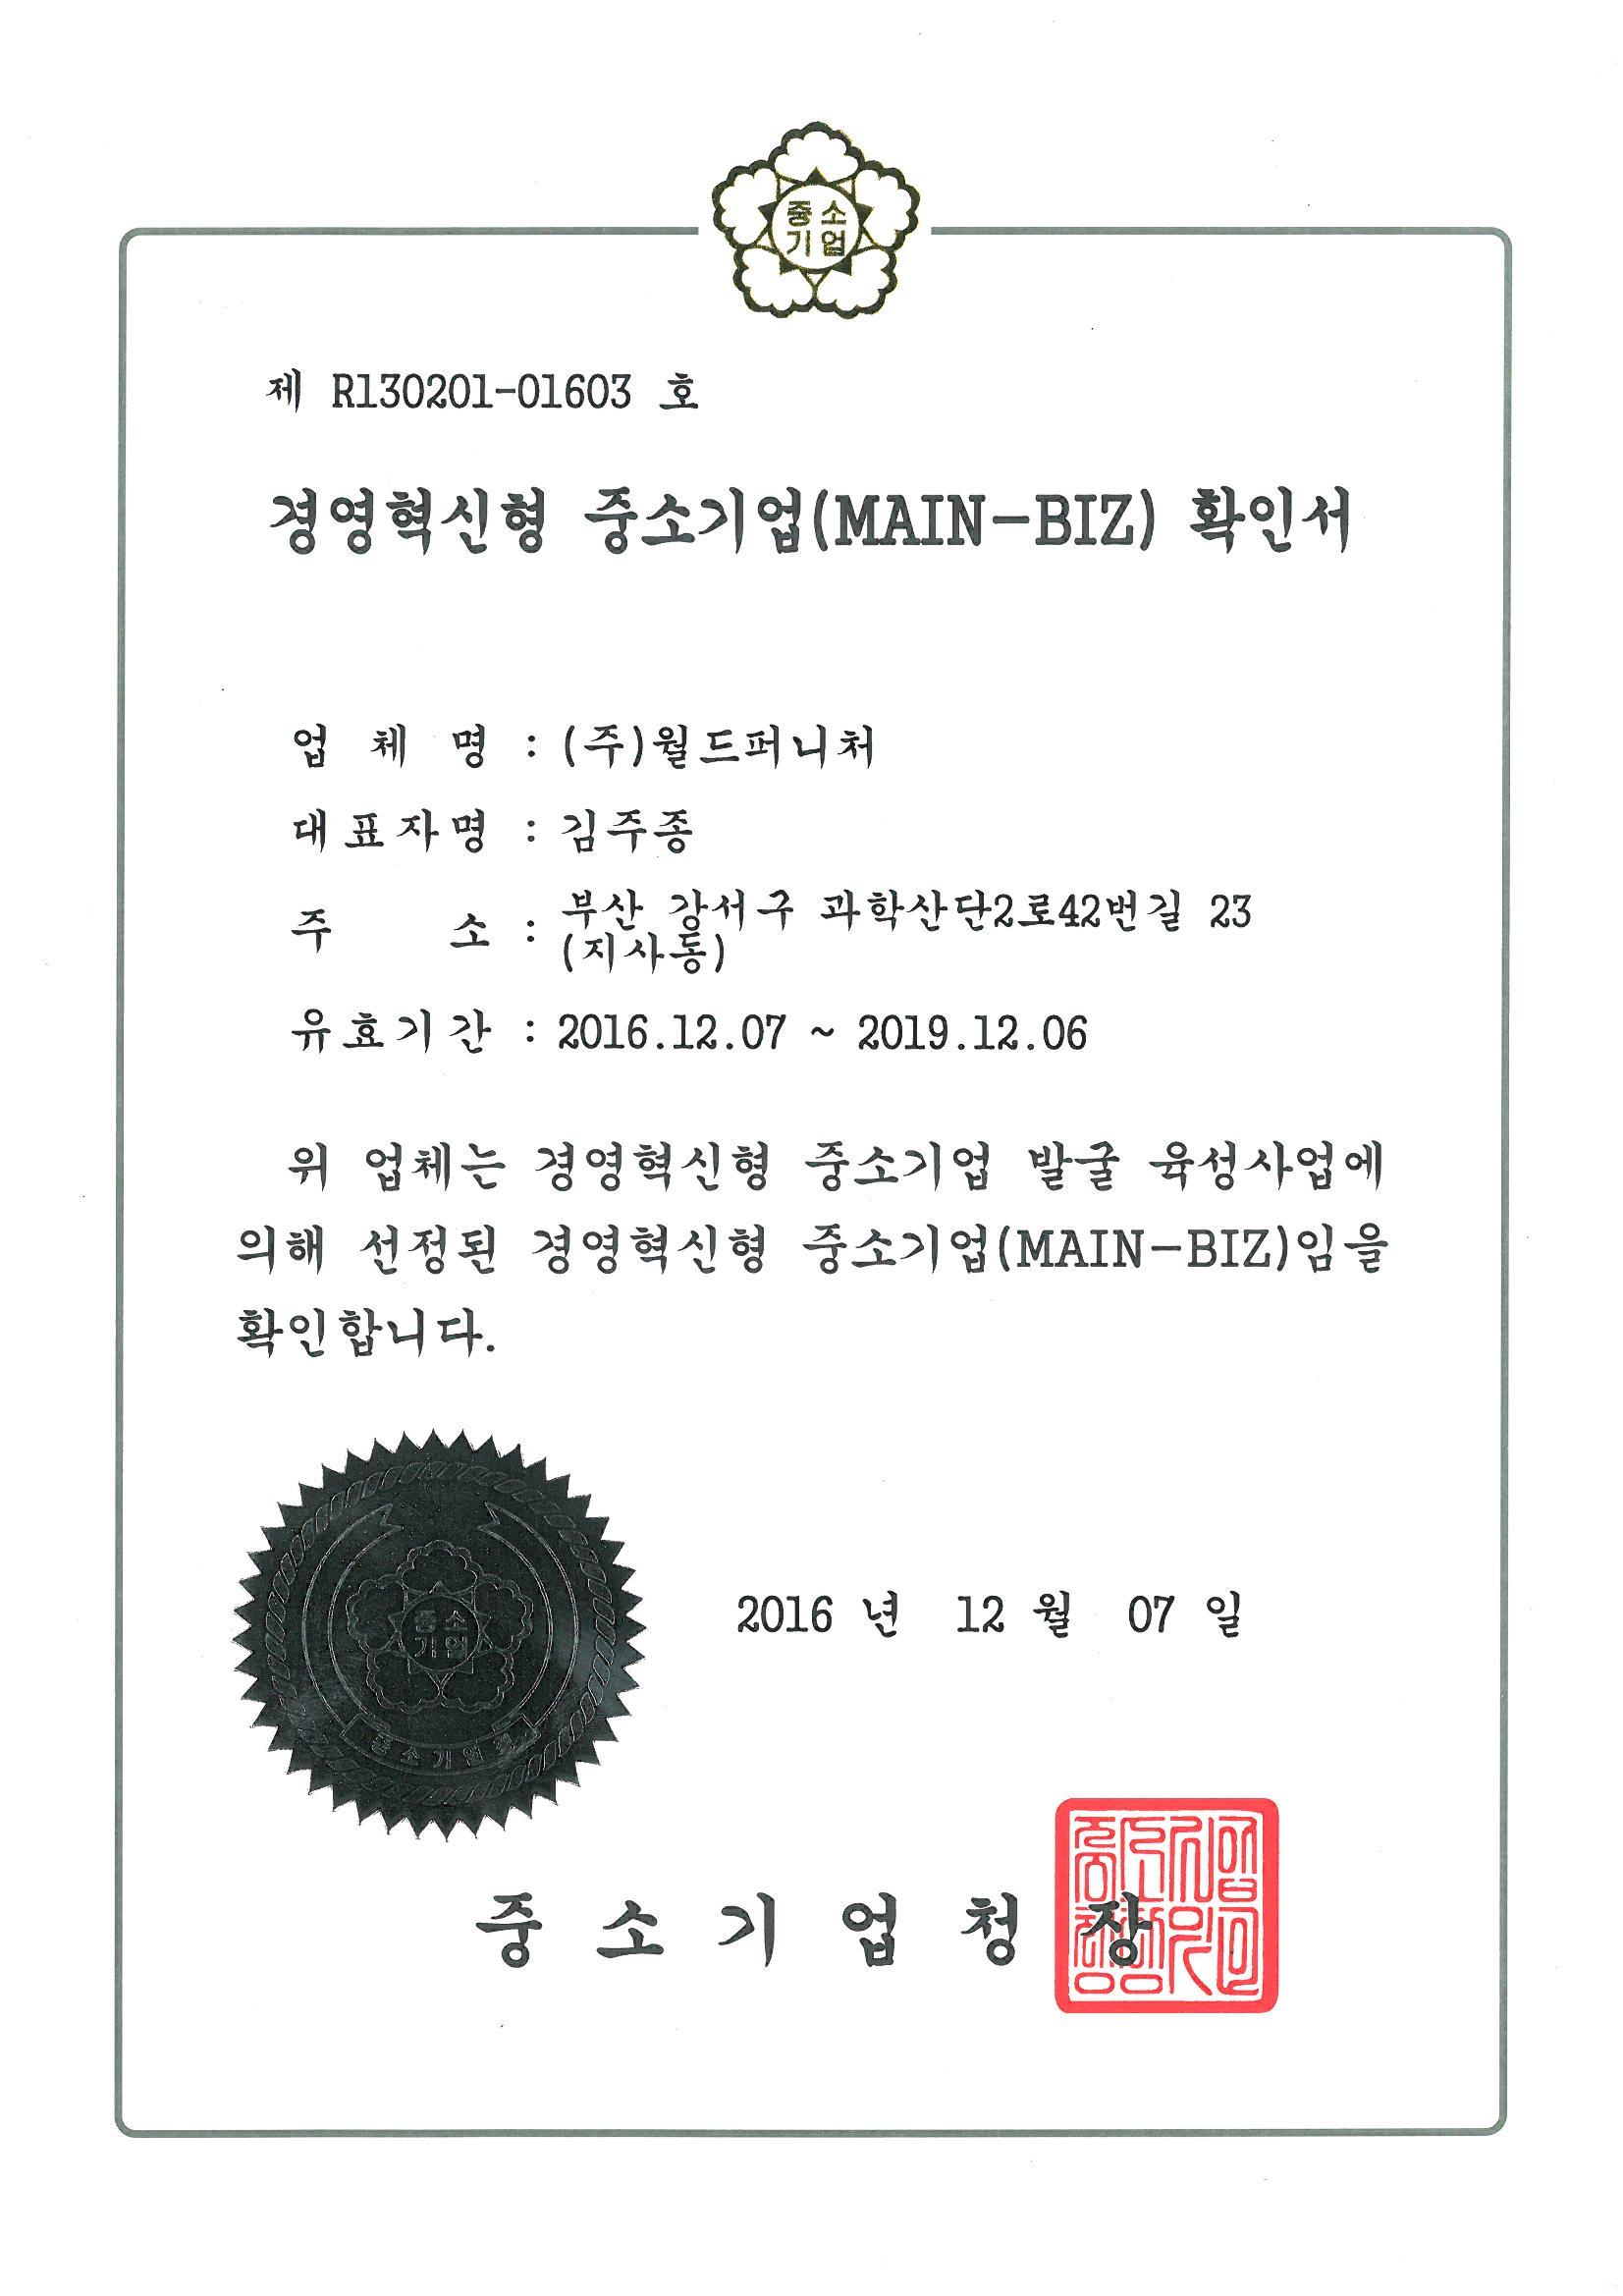 경영혁신형 중소기업 확인서(메인비즈)-국문